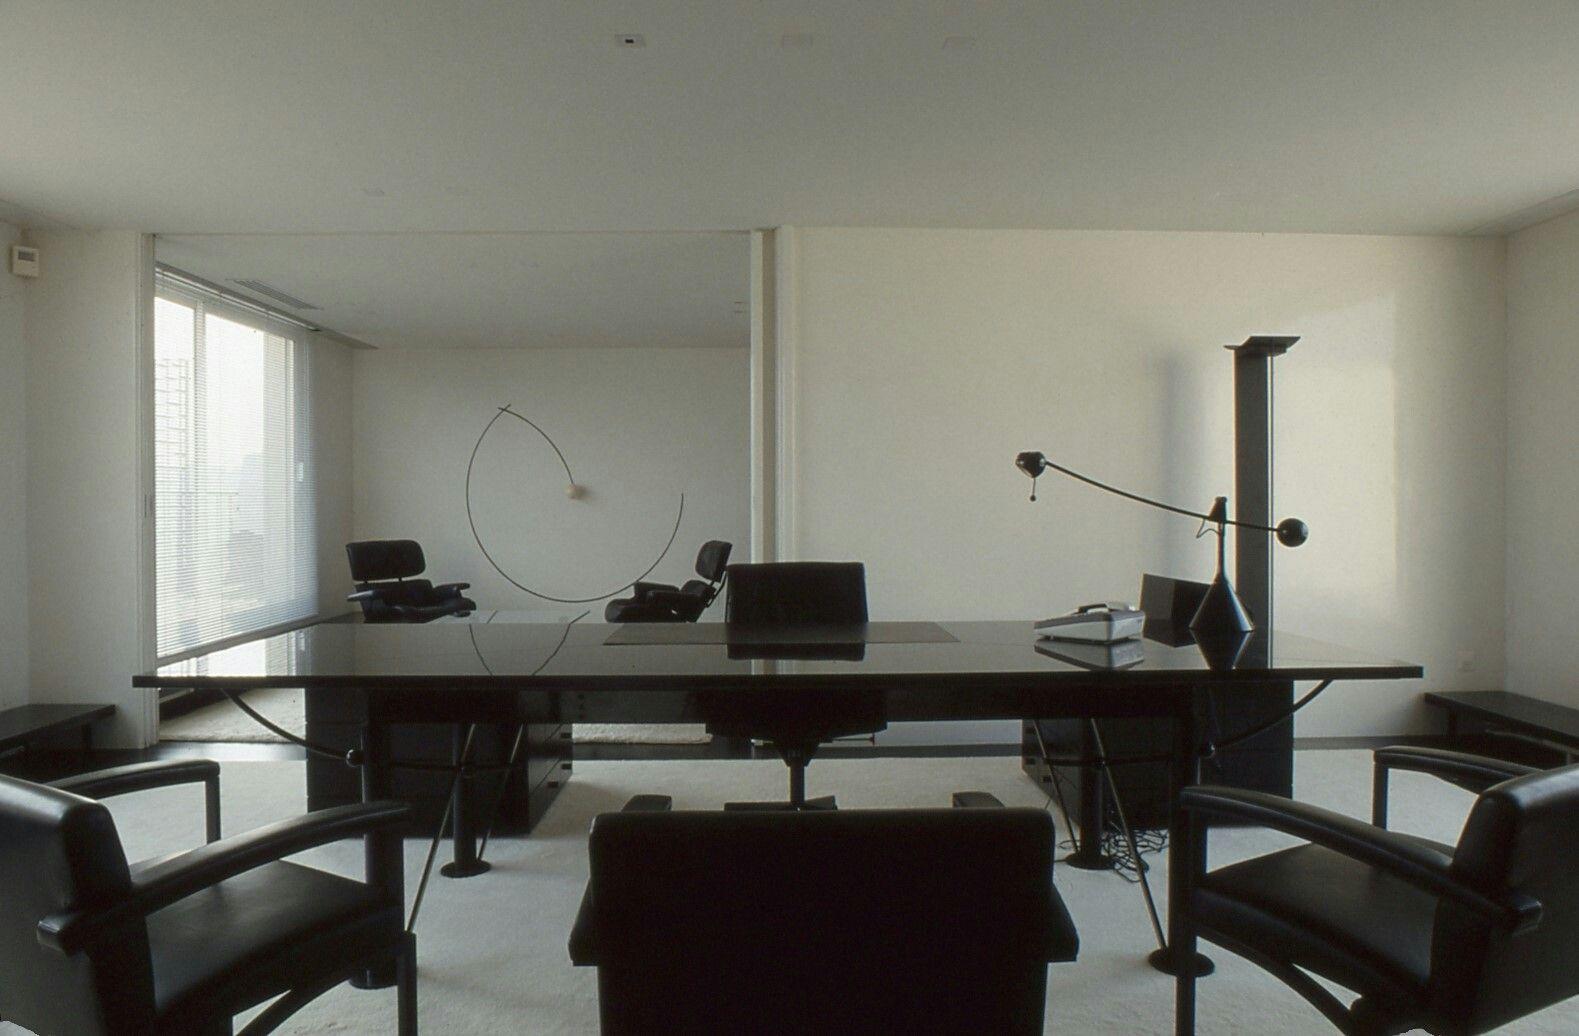 Bureau Noir Et Blanc bureau #pdg #géométrique #noiretblanc | decoration, bureau